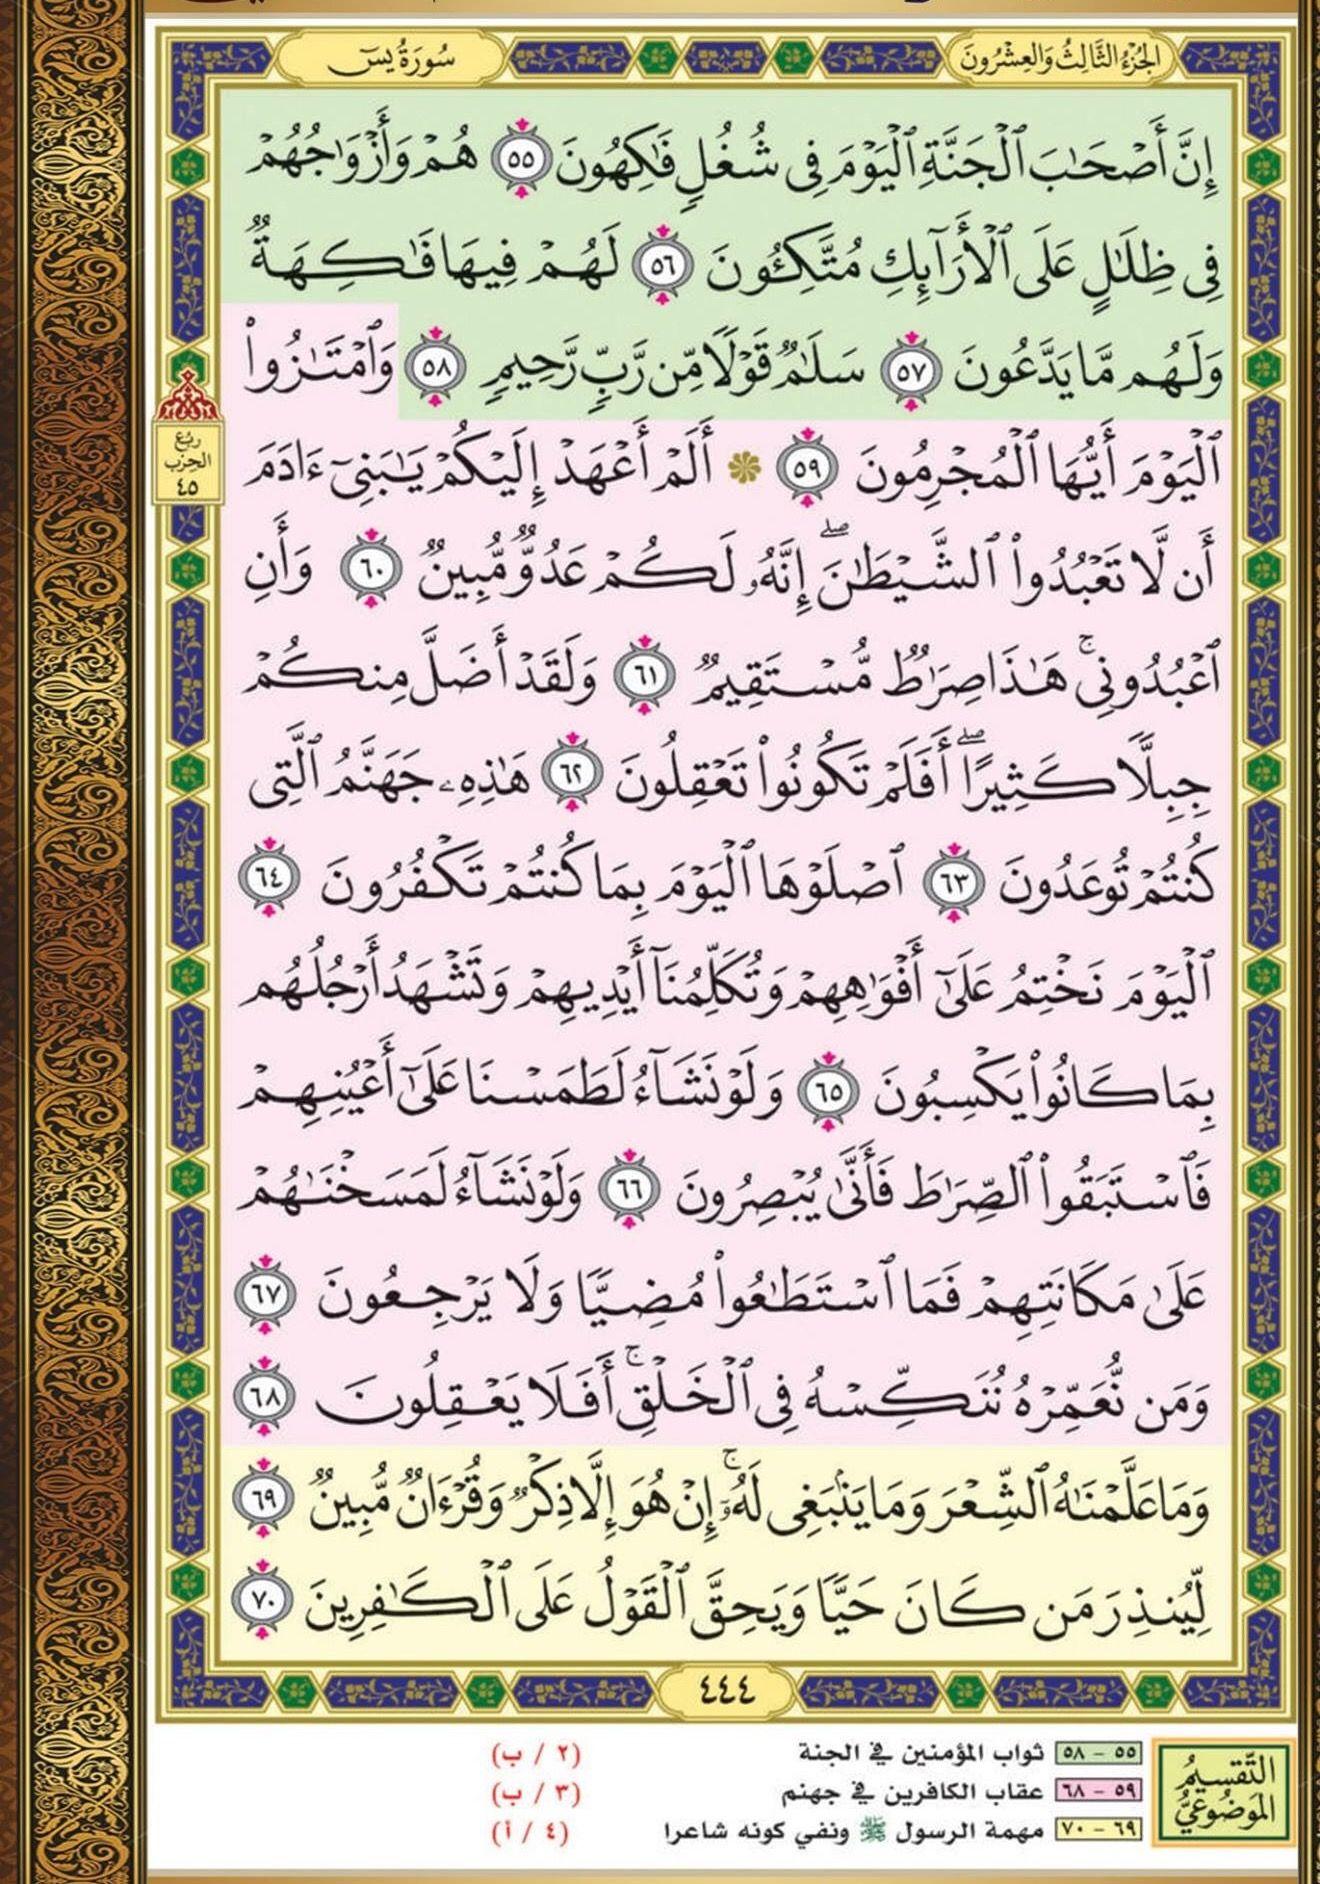 ٥٥ ٧٠ يس مصحف التقسيم الموضوعي Quran Book Holy Quran Book Quran Verses